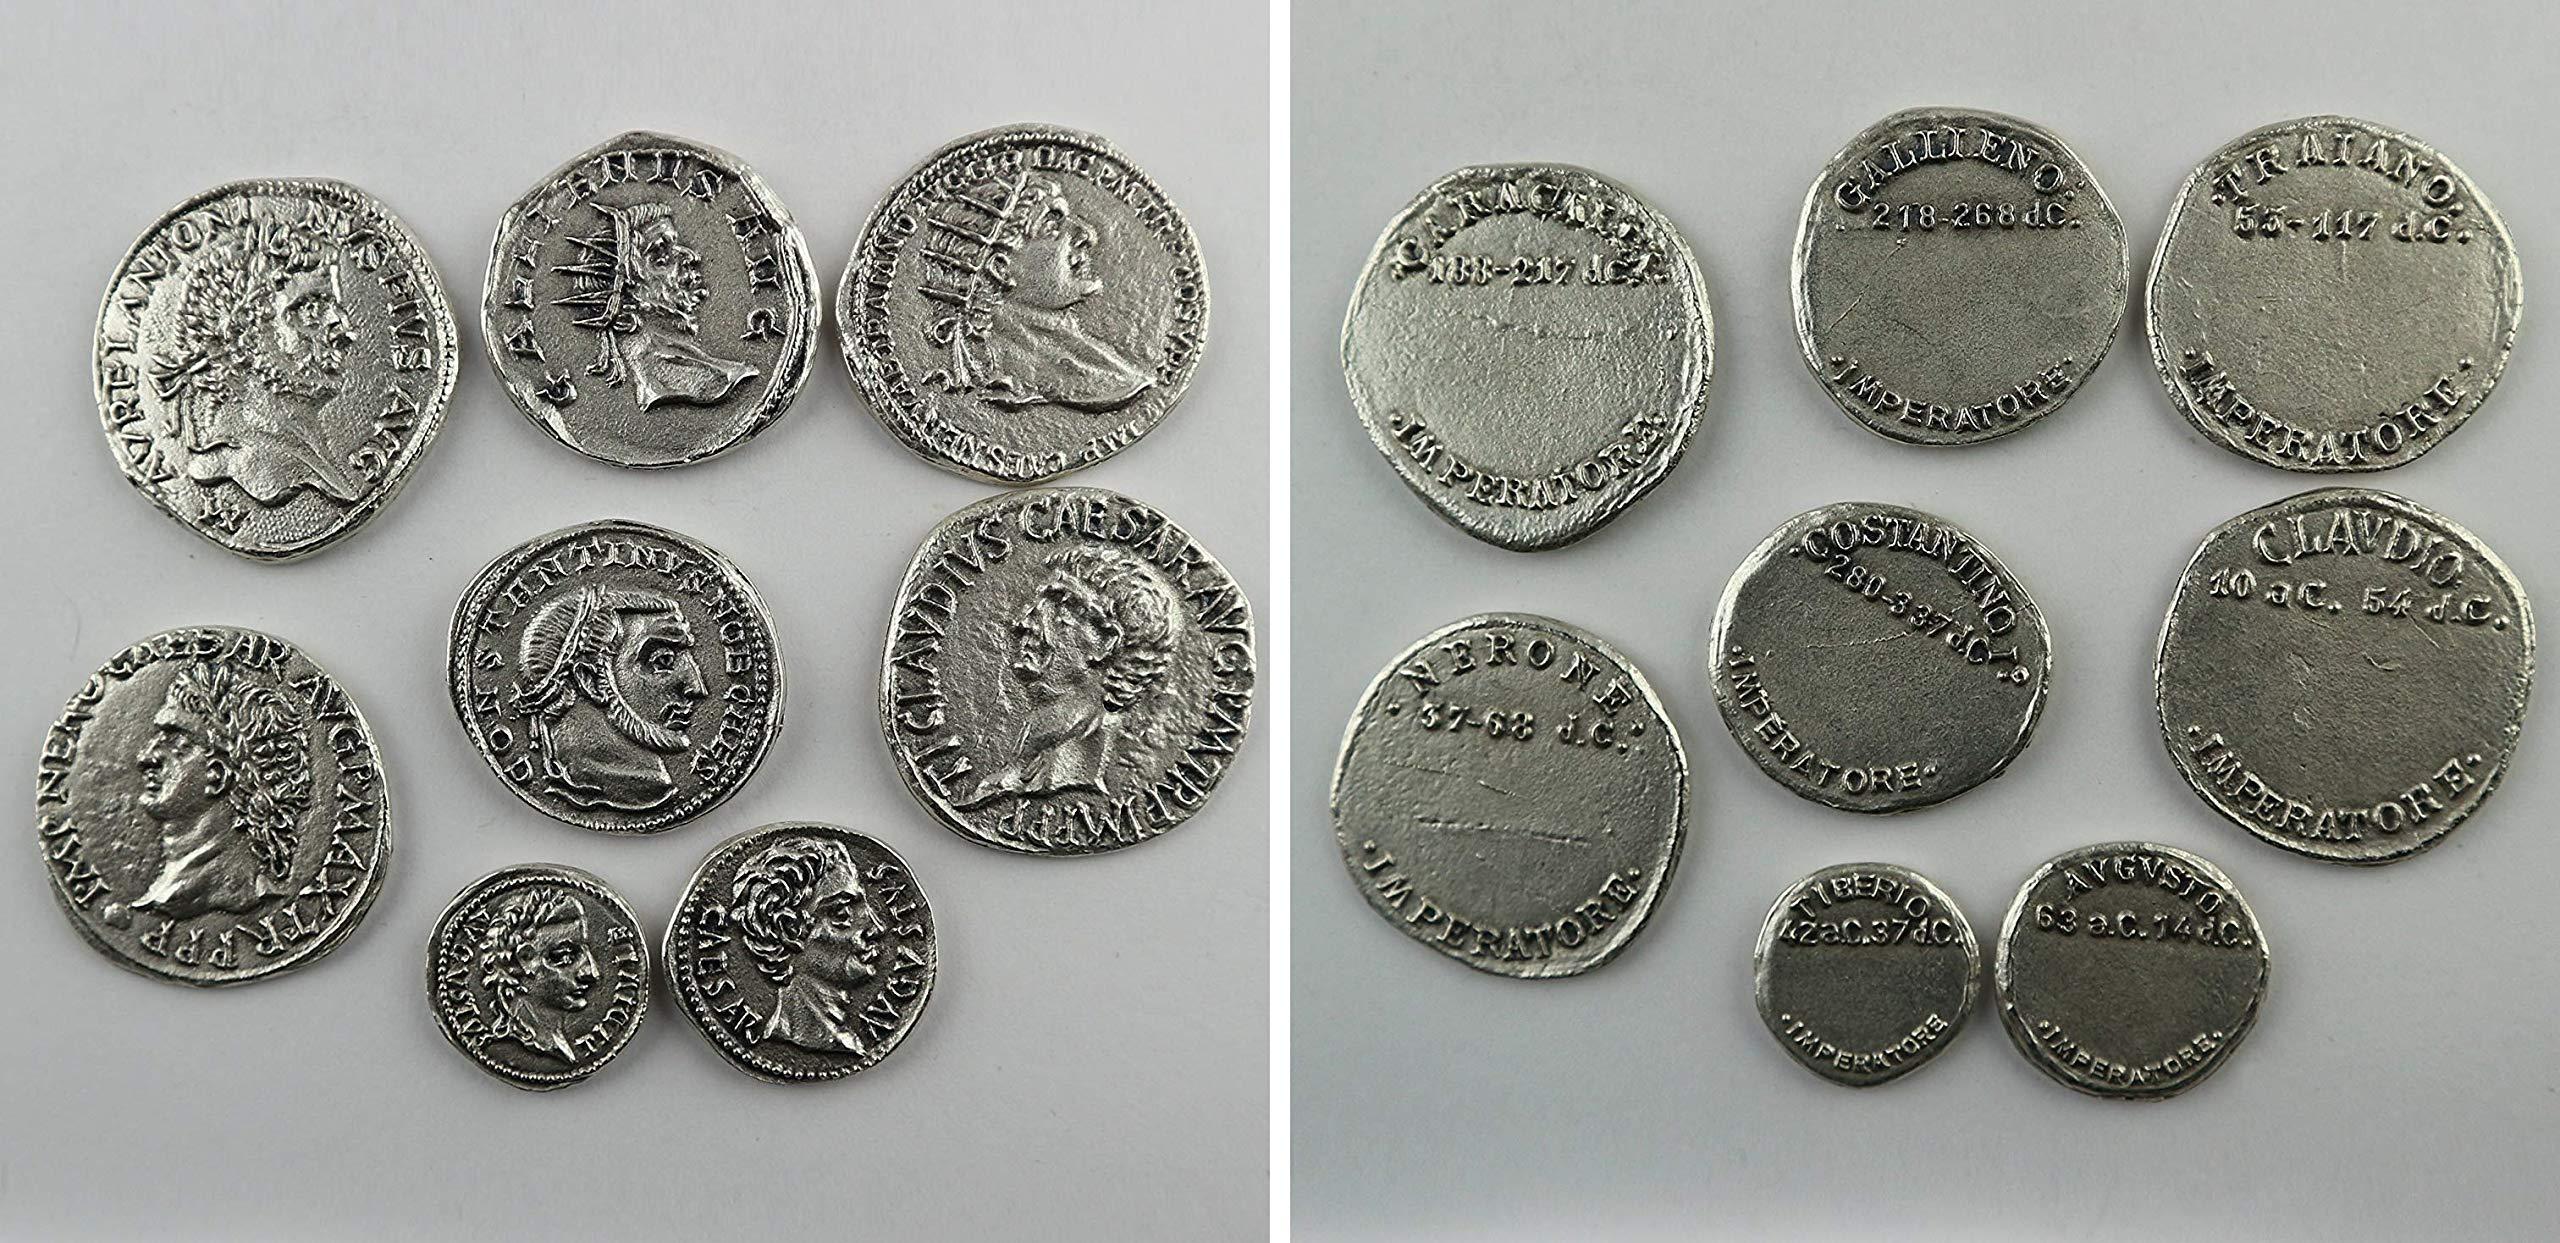 Eurofusioni Monedas Antiguas Romanas chapada Plata - Set 8 Piezas: Amazon.es: Hogar